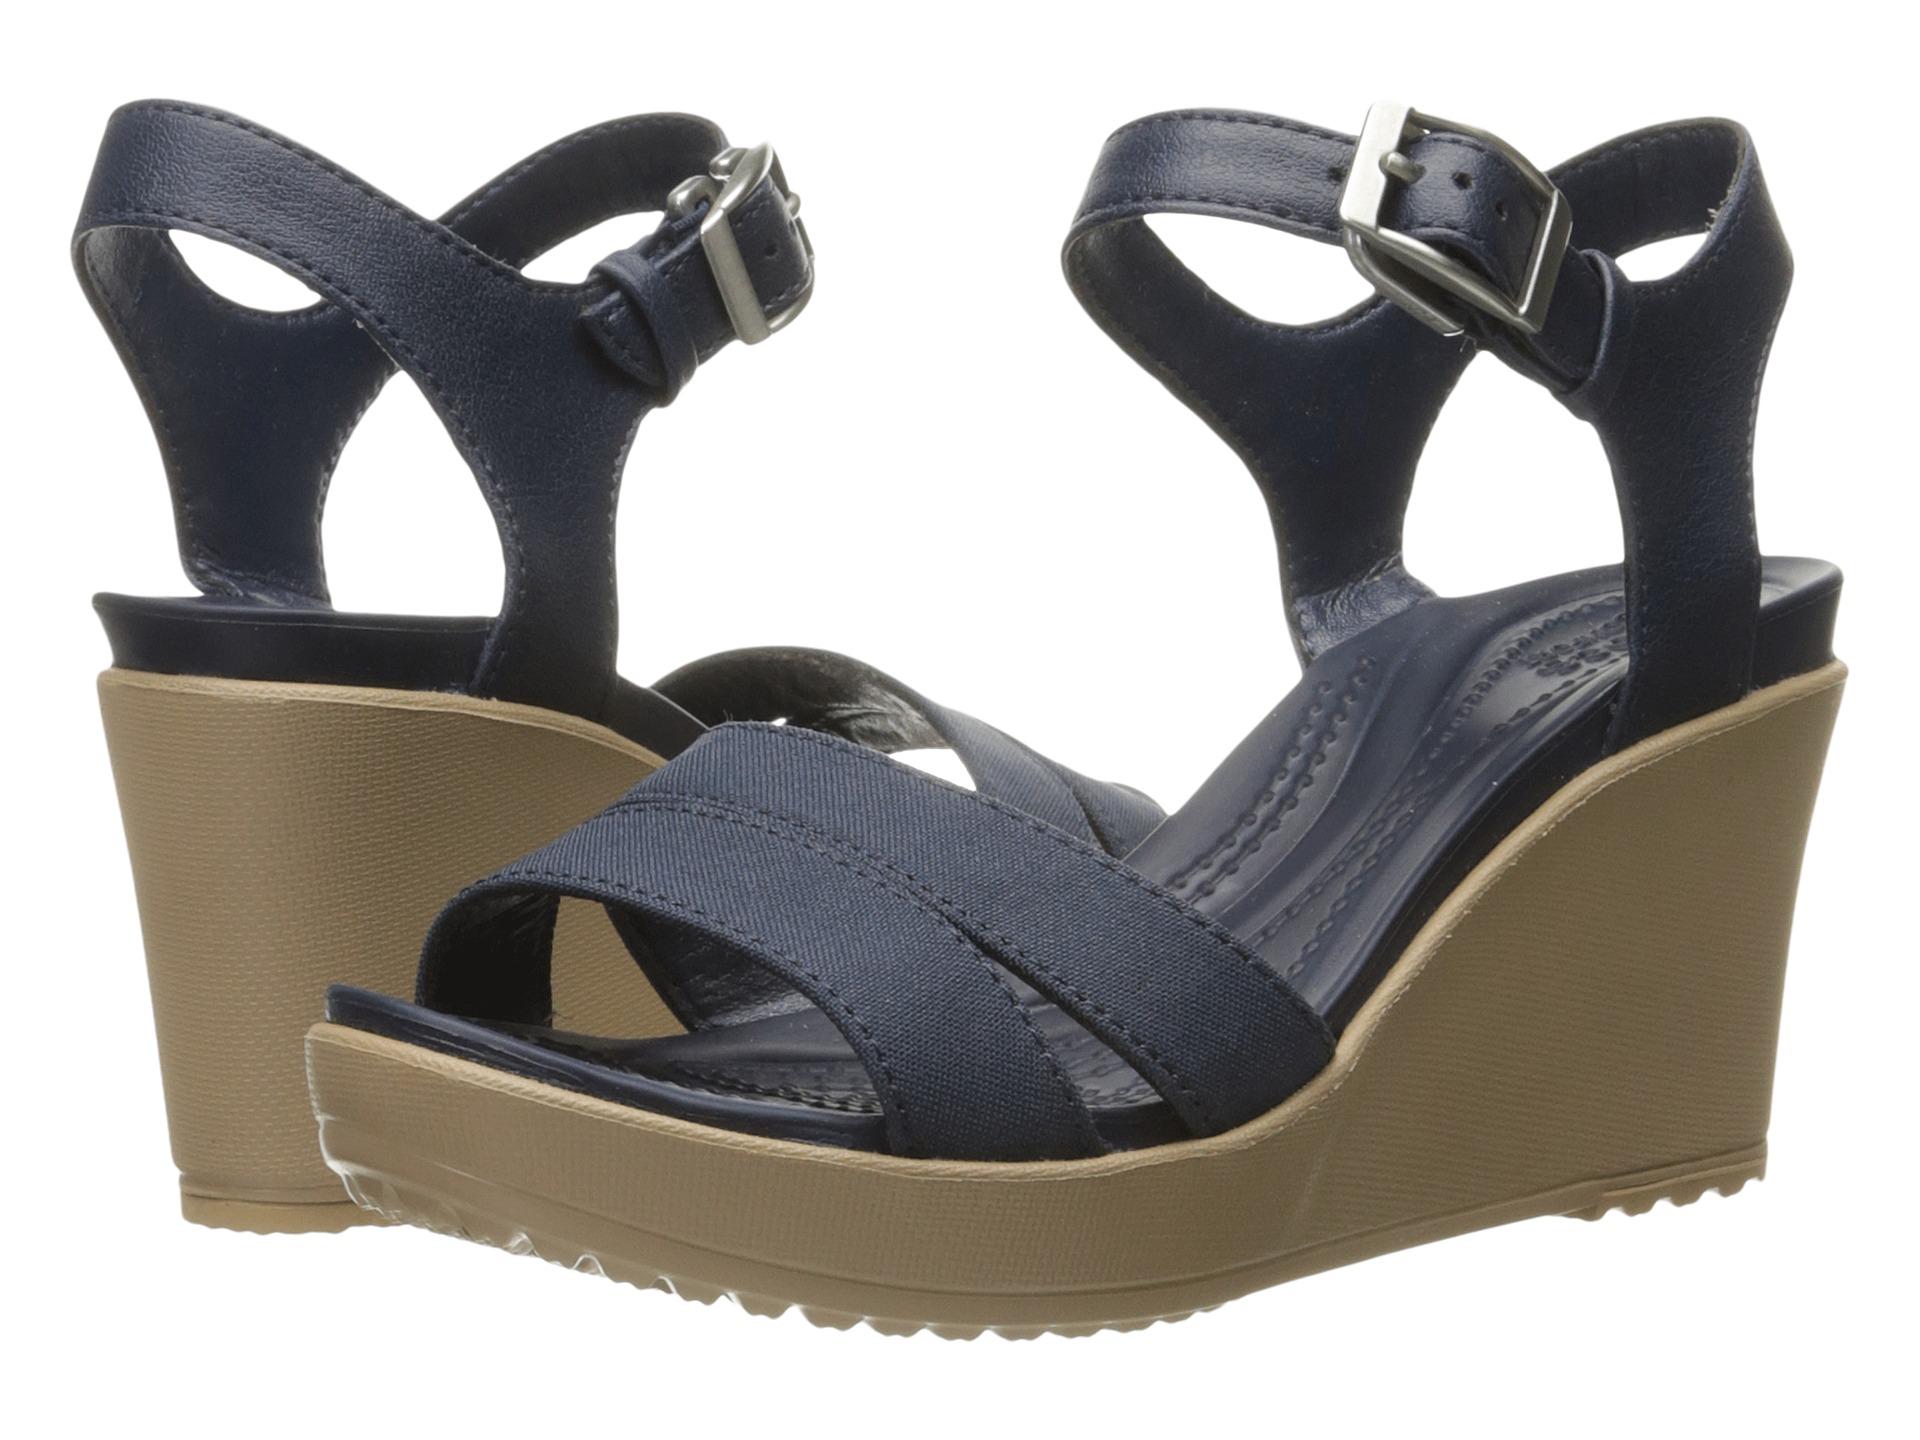 Comfortable Wedge Wedding Shoes 011 - Comfortable Wedge Wedding Shoes